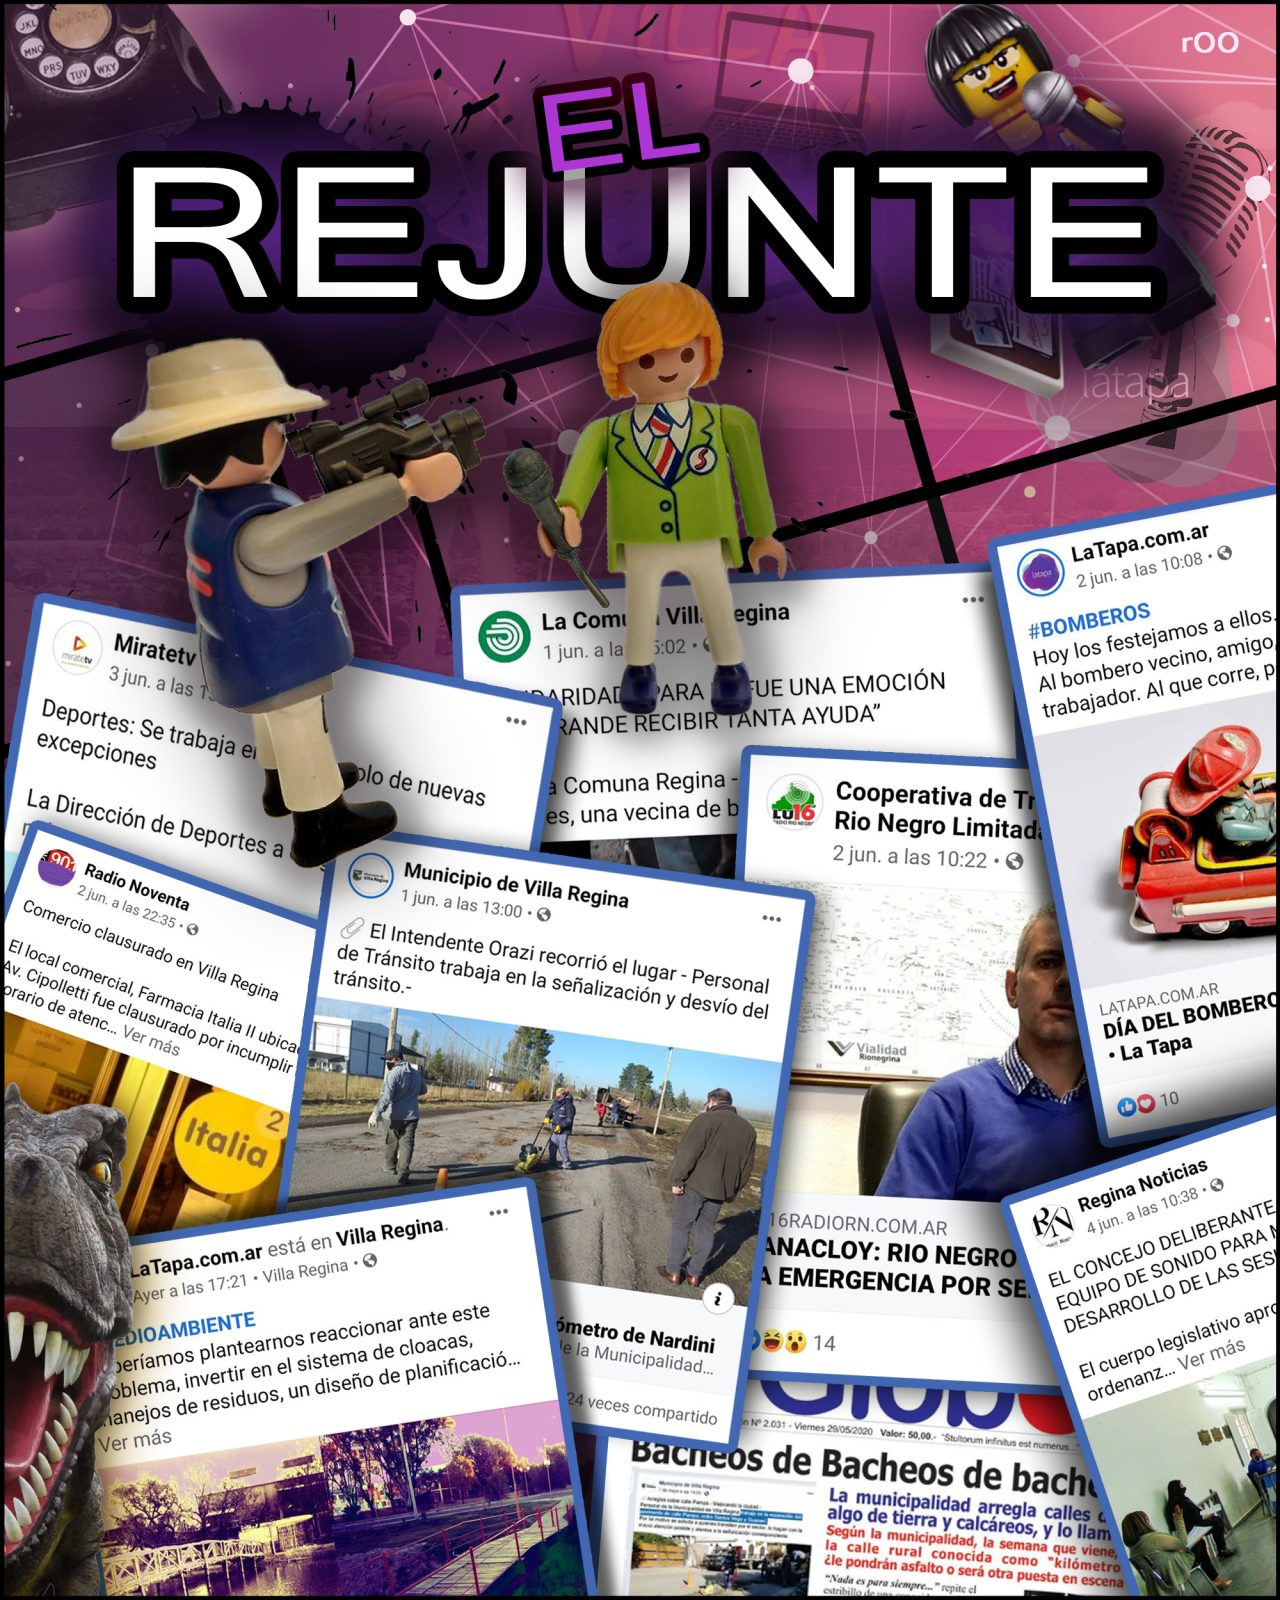 EL REJUNTE